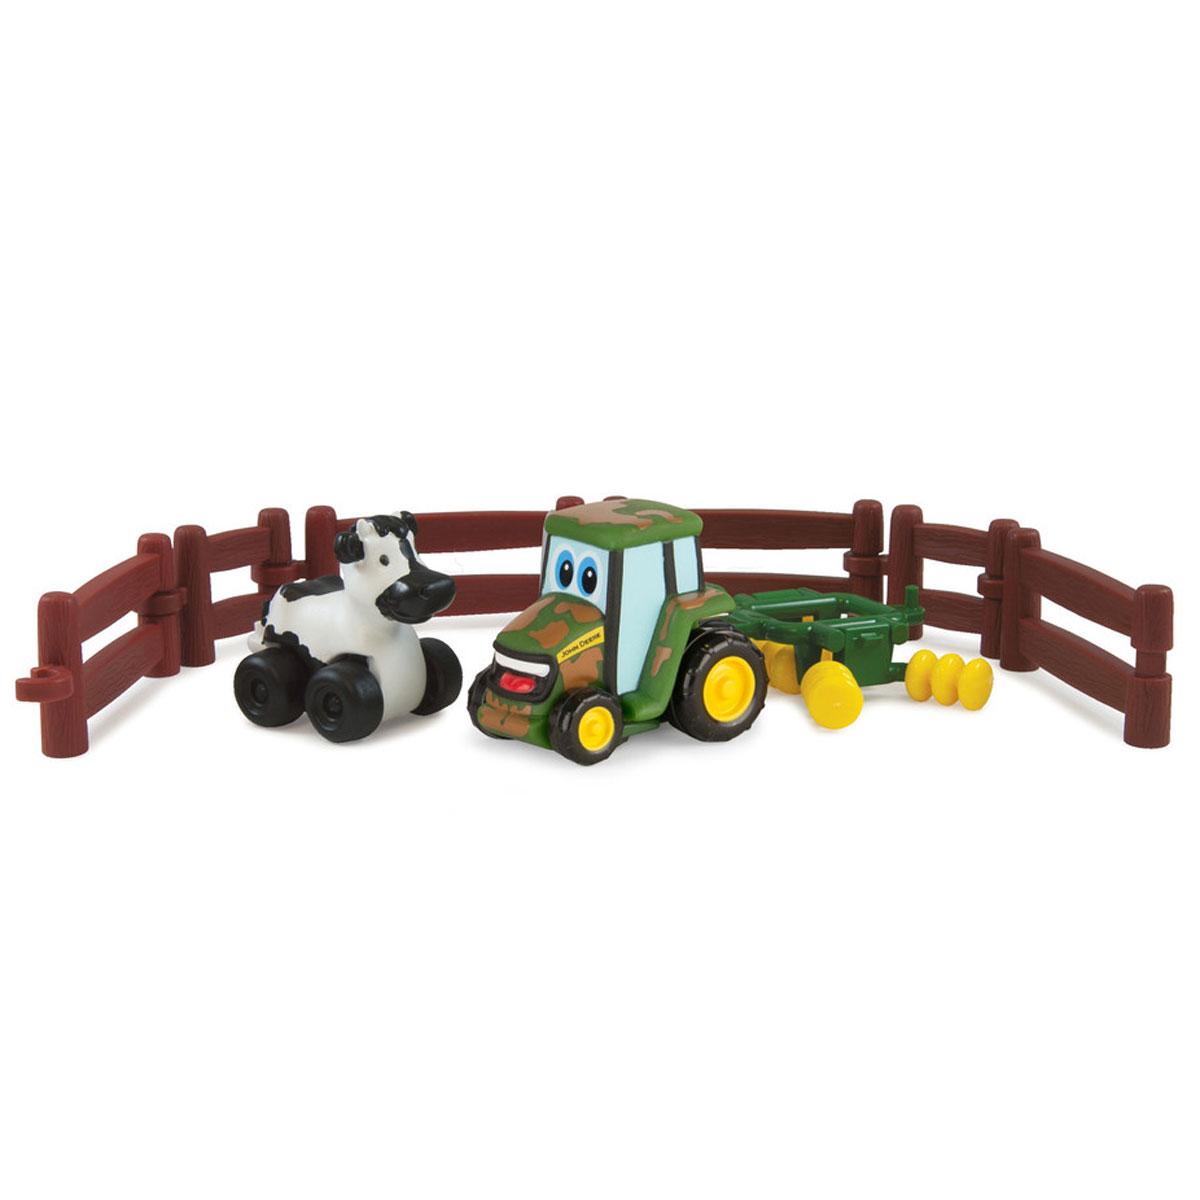 Tomy Игровой набор Приключения трактора Джонни и его друзей на ферме. Корова tomy прицеп для перевозки лошадей с лошадью и жеребенком с 3 лет